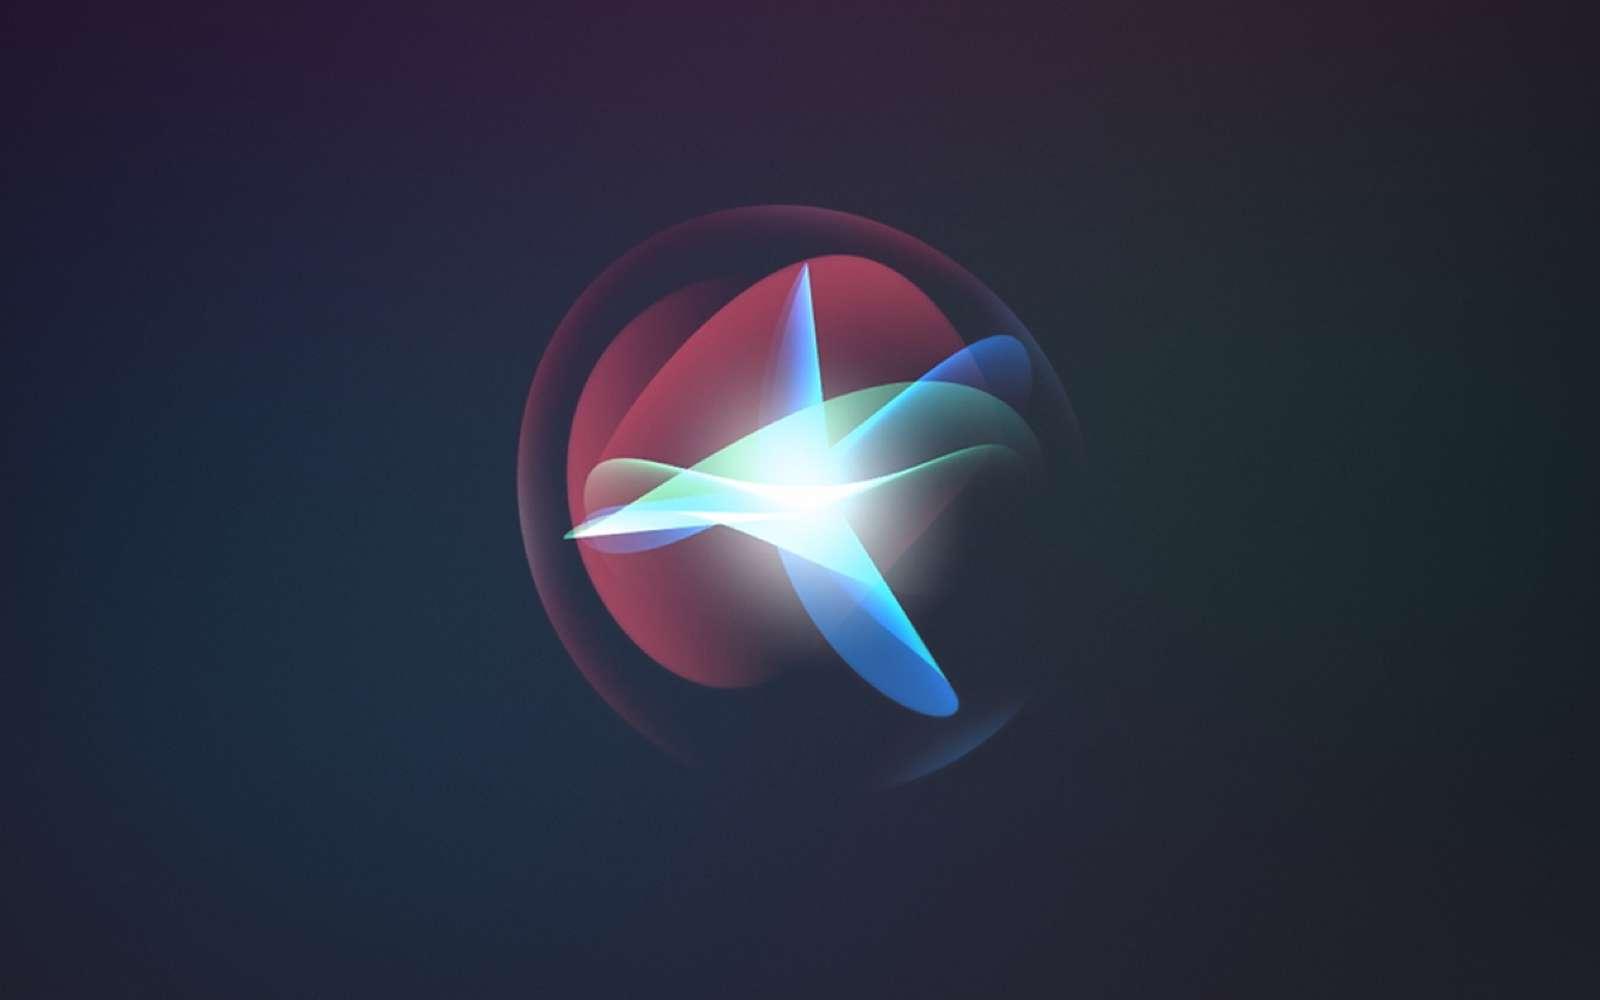 Pour améliorer la qualité de Siri, Apple enregistrait et envoyait des échantillons de commandes vocales à des sociétés tierces. © Apple